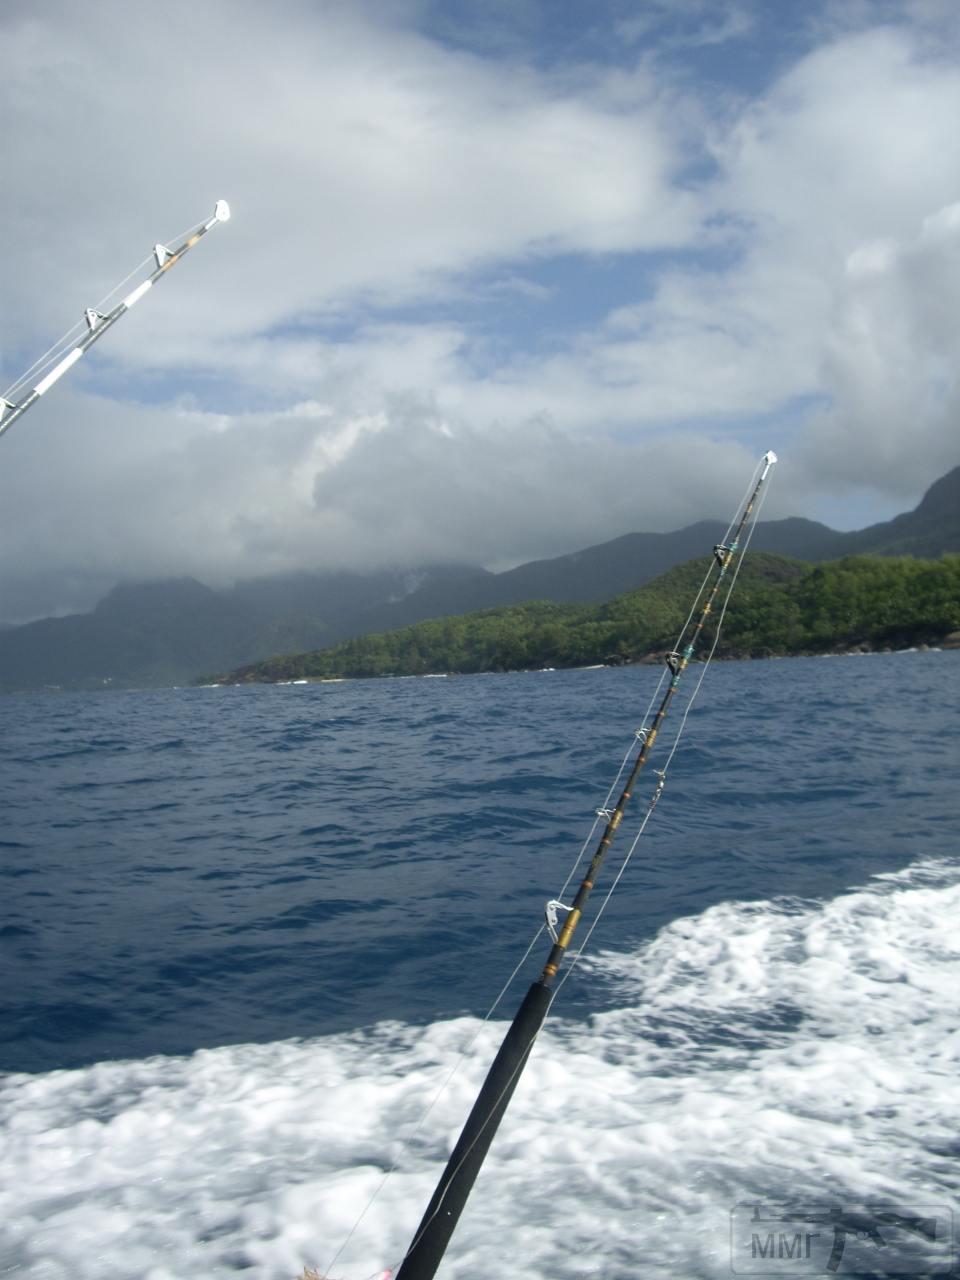 33994 - Сейшельские острова